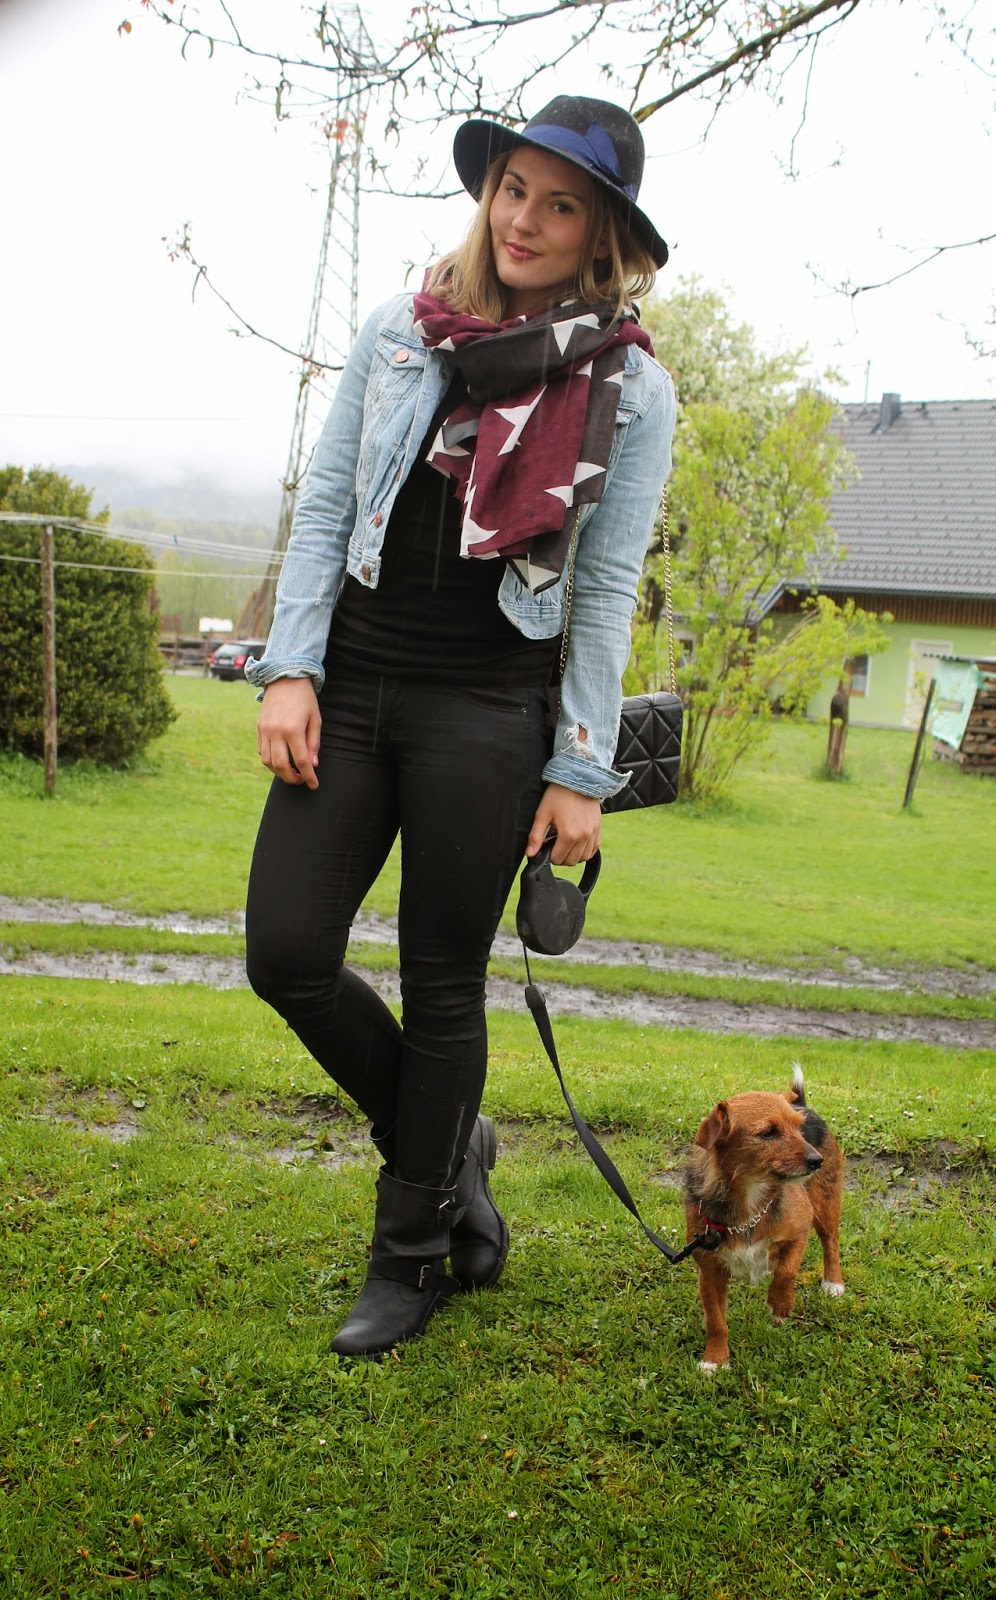 Fashionblogger Österreich / Austria / Kärnten / Carinthia / Klagenfurt / German / Deutsch / H&M / Zara/ Blogger / Lavender Star / Svetlana / Rainy Days / Look / Outfit / Streetstyle / Dog / Biker Boots / Stars / Hat / Forever 21